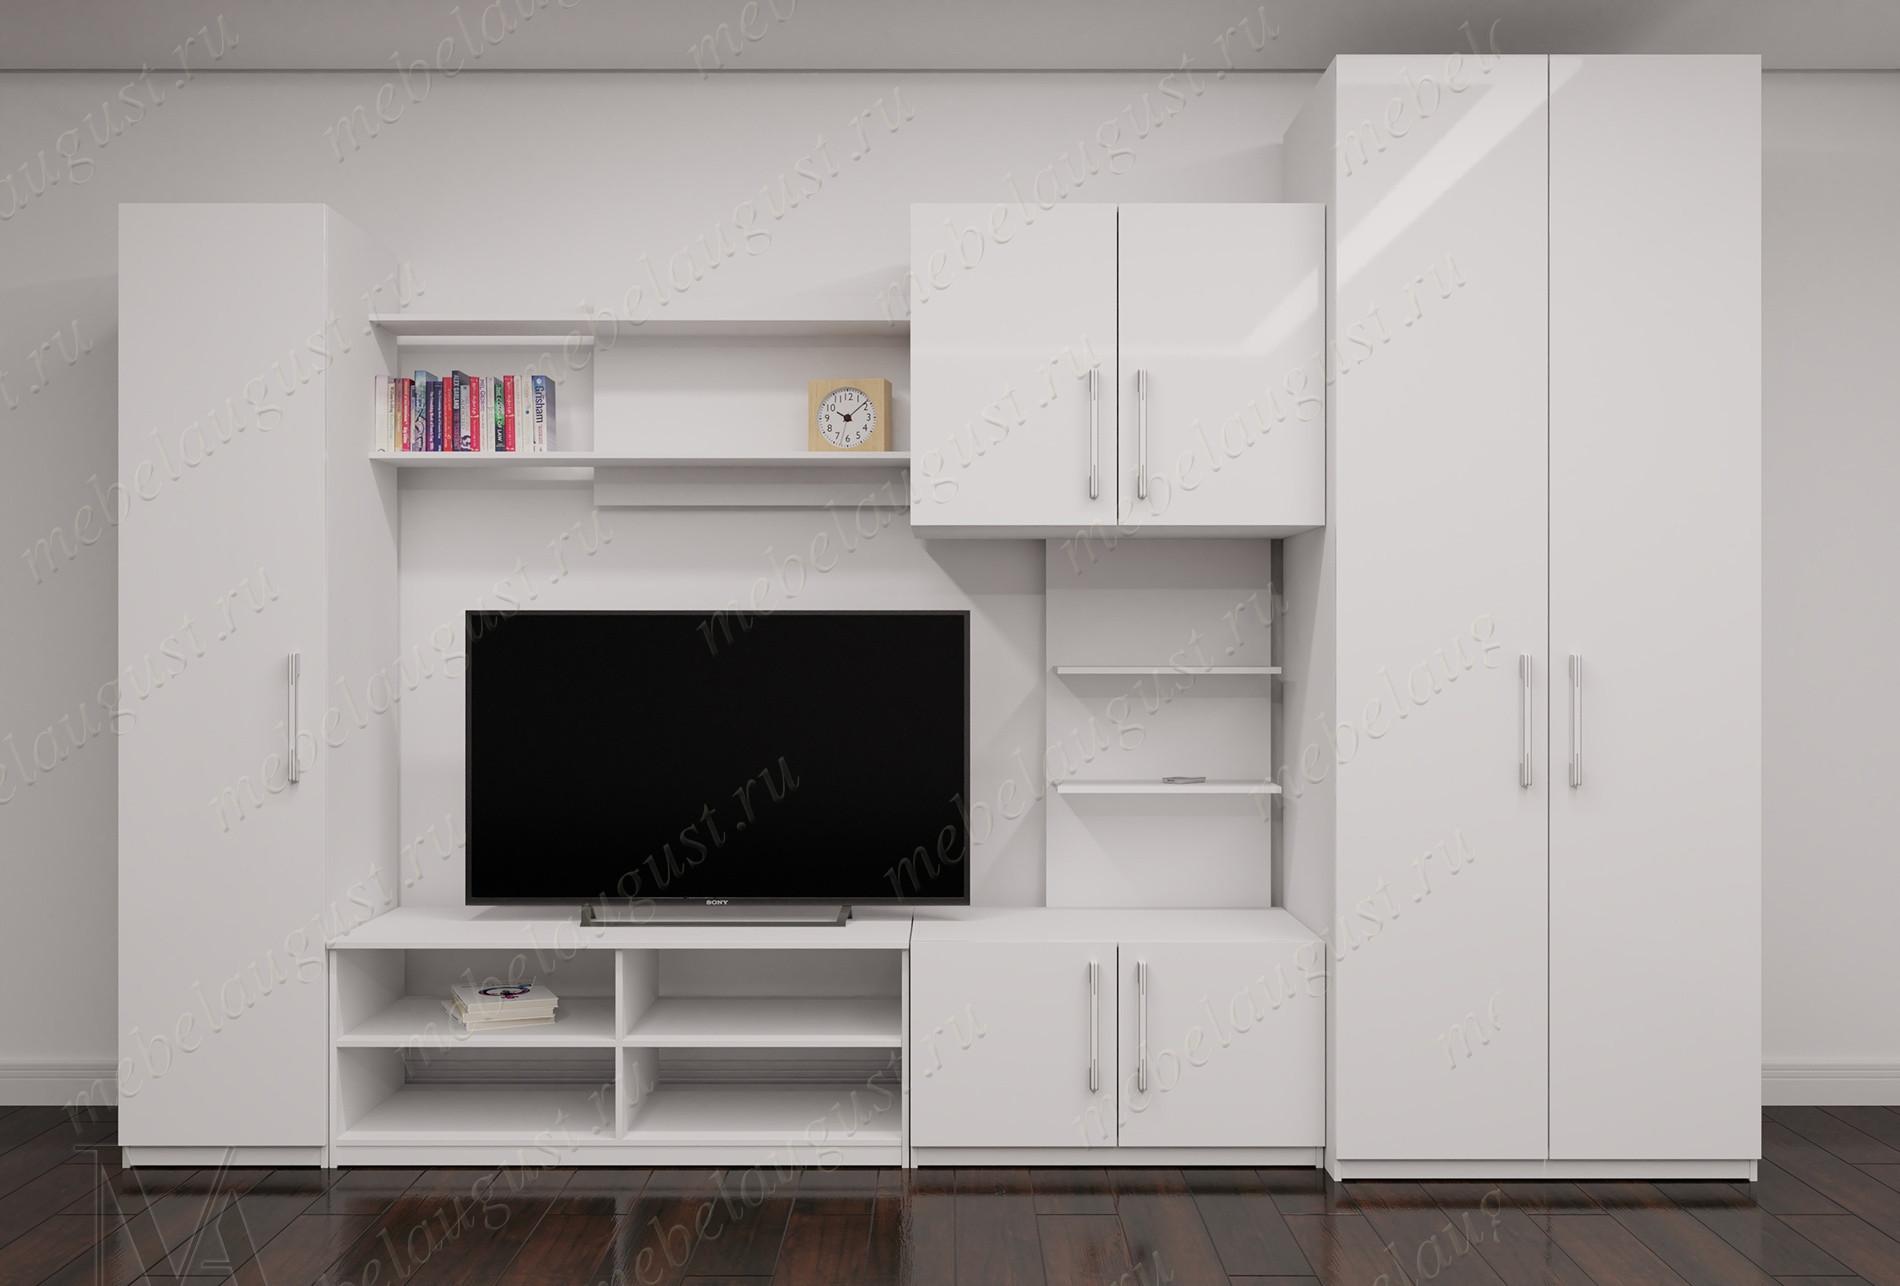 Мебельная стенка для спальни с полкой под тв